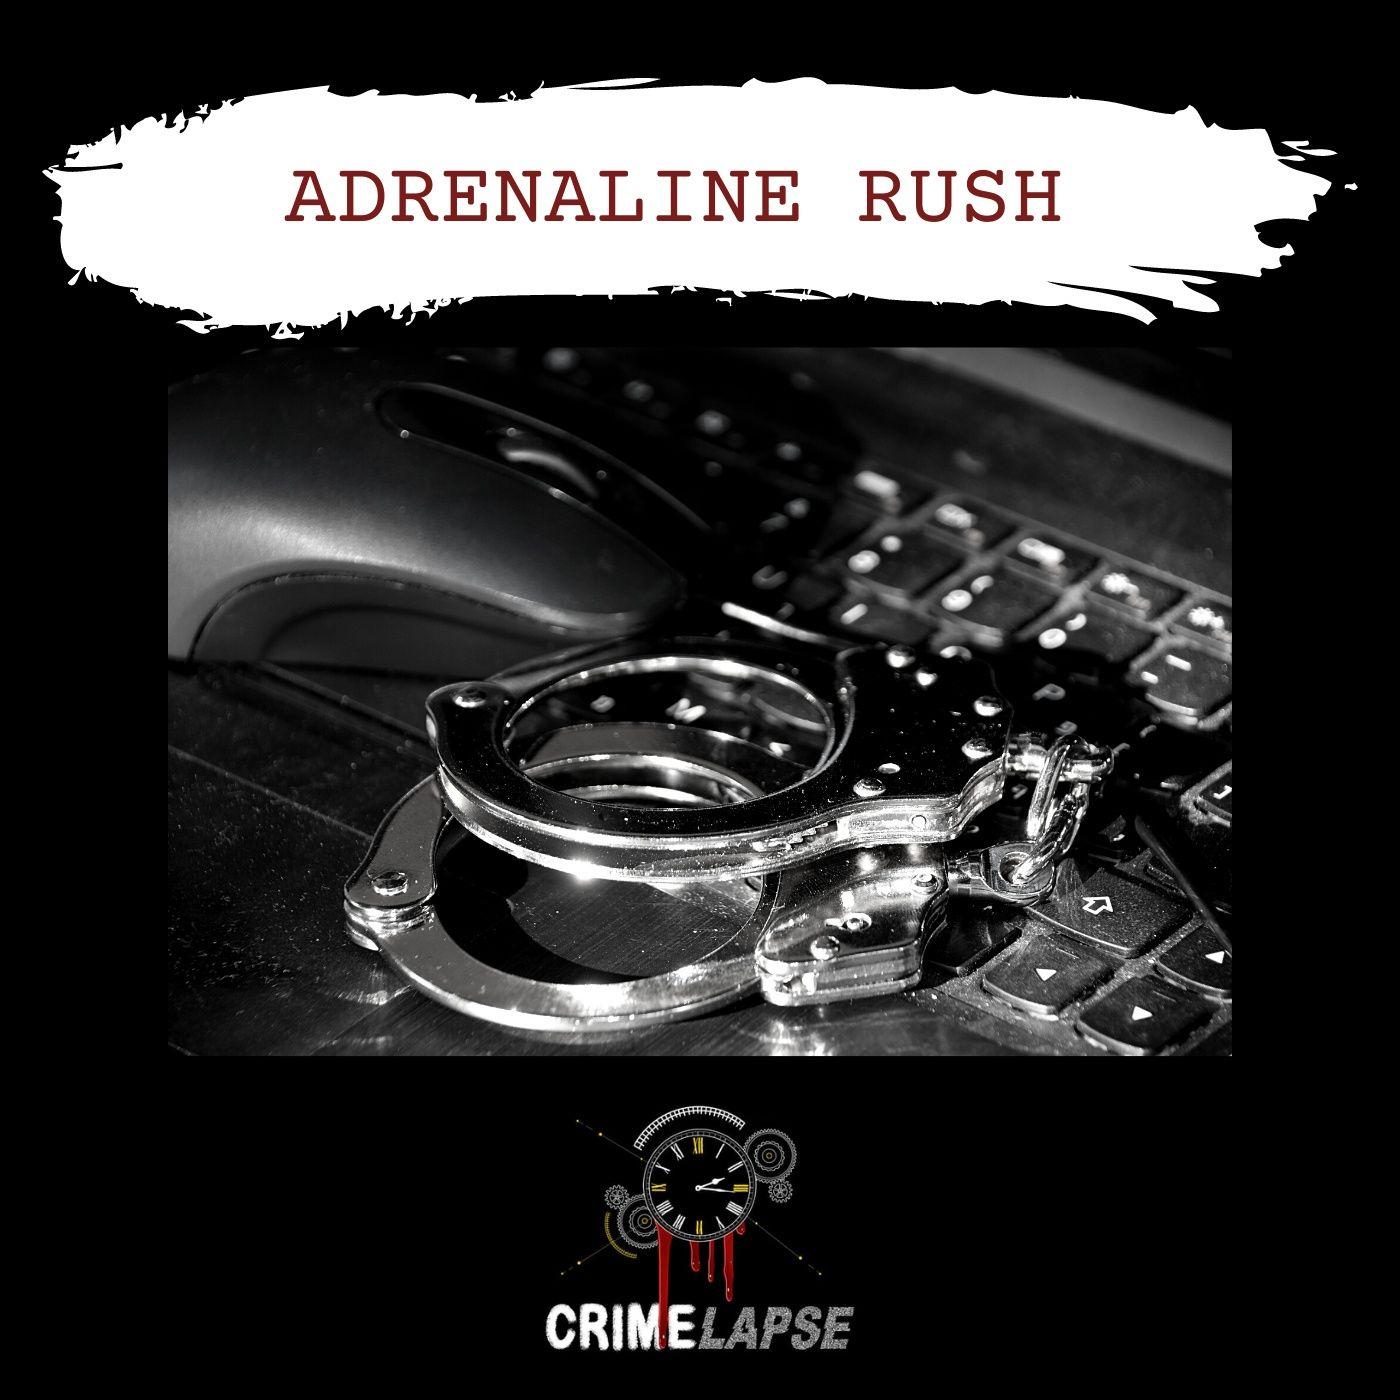 Adrenaline Rush: Kimberly Proctor